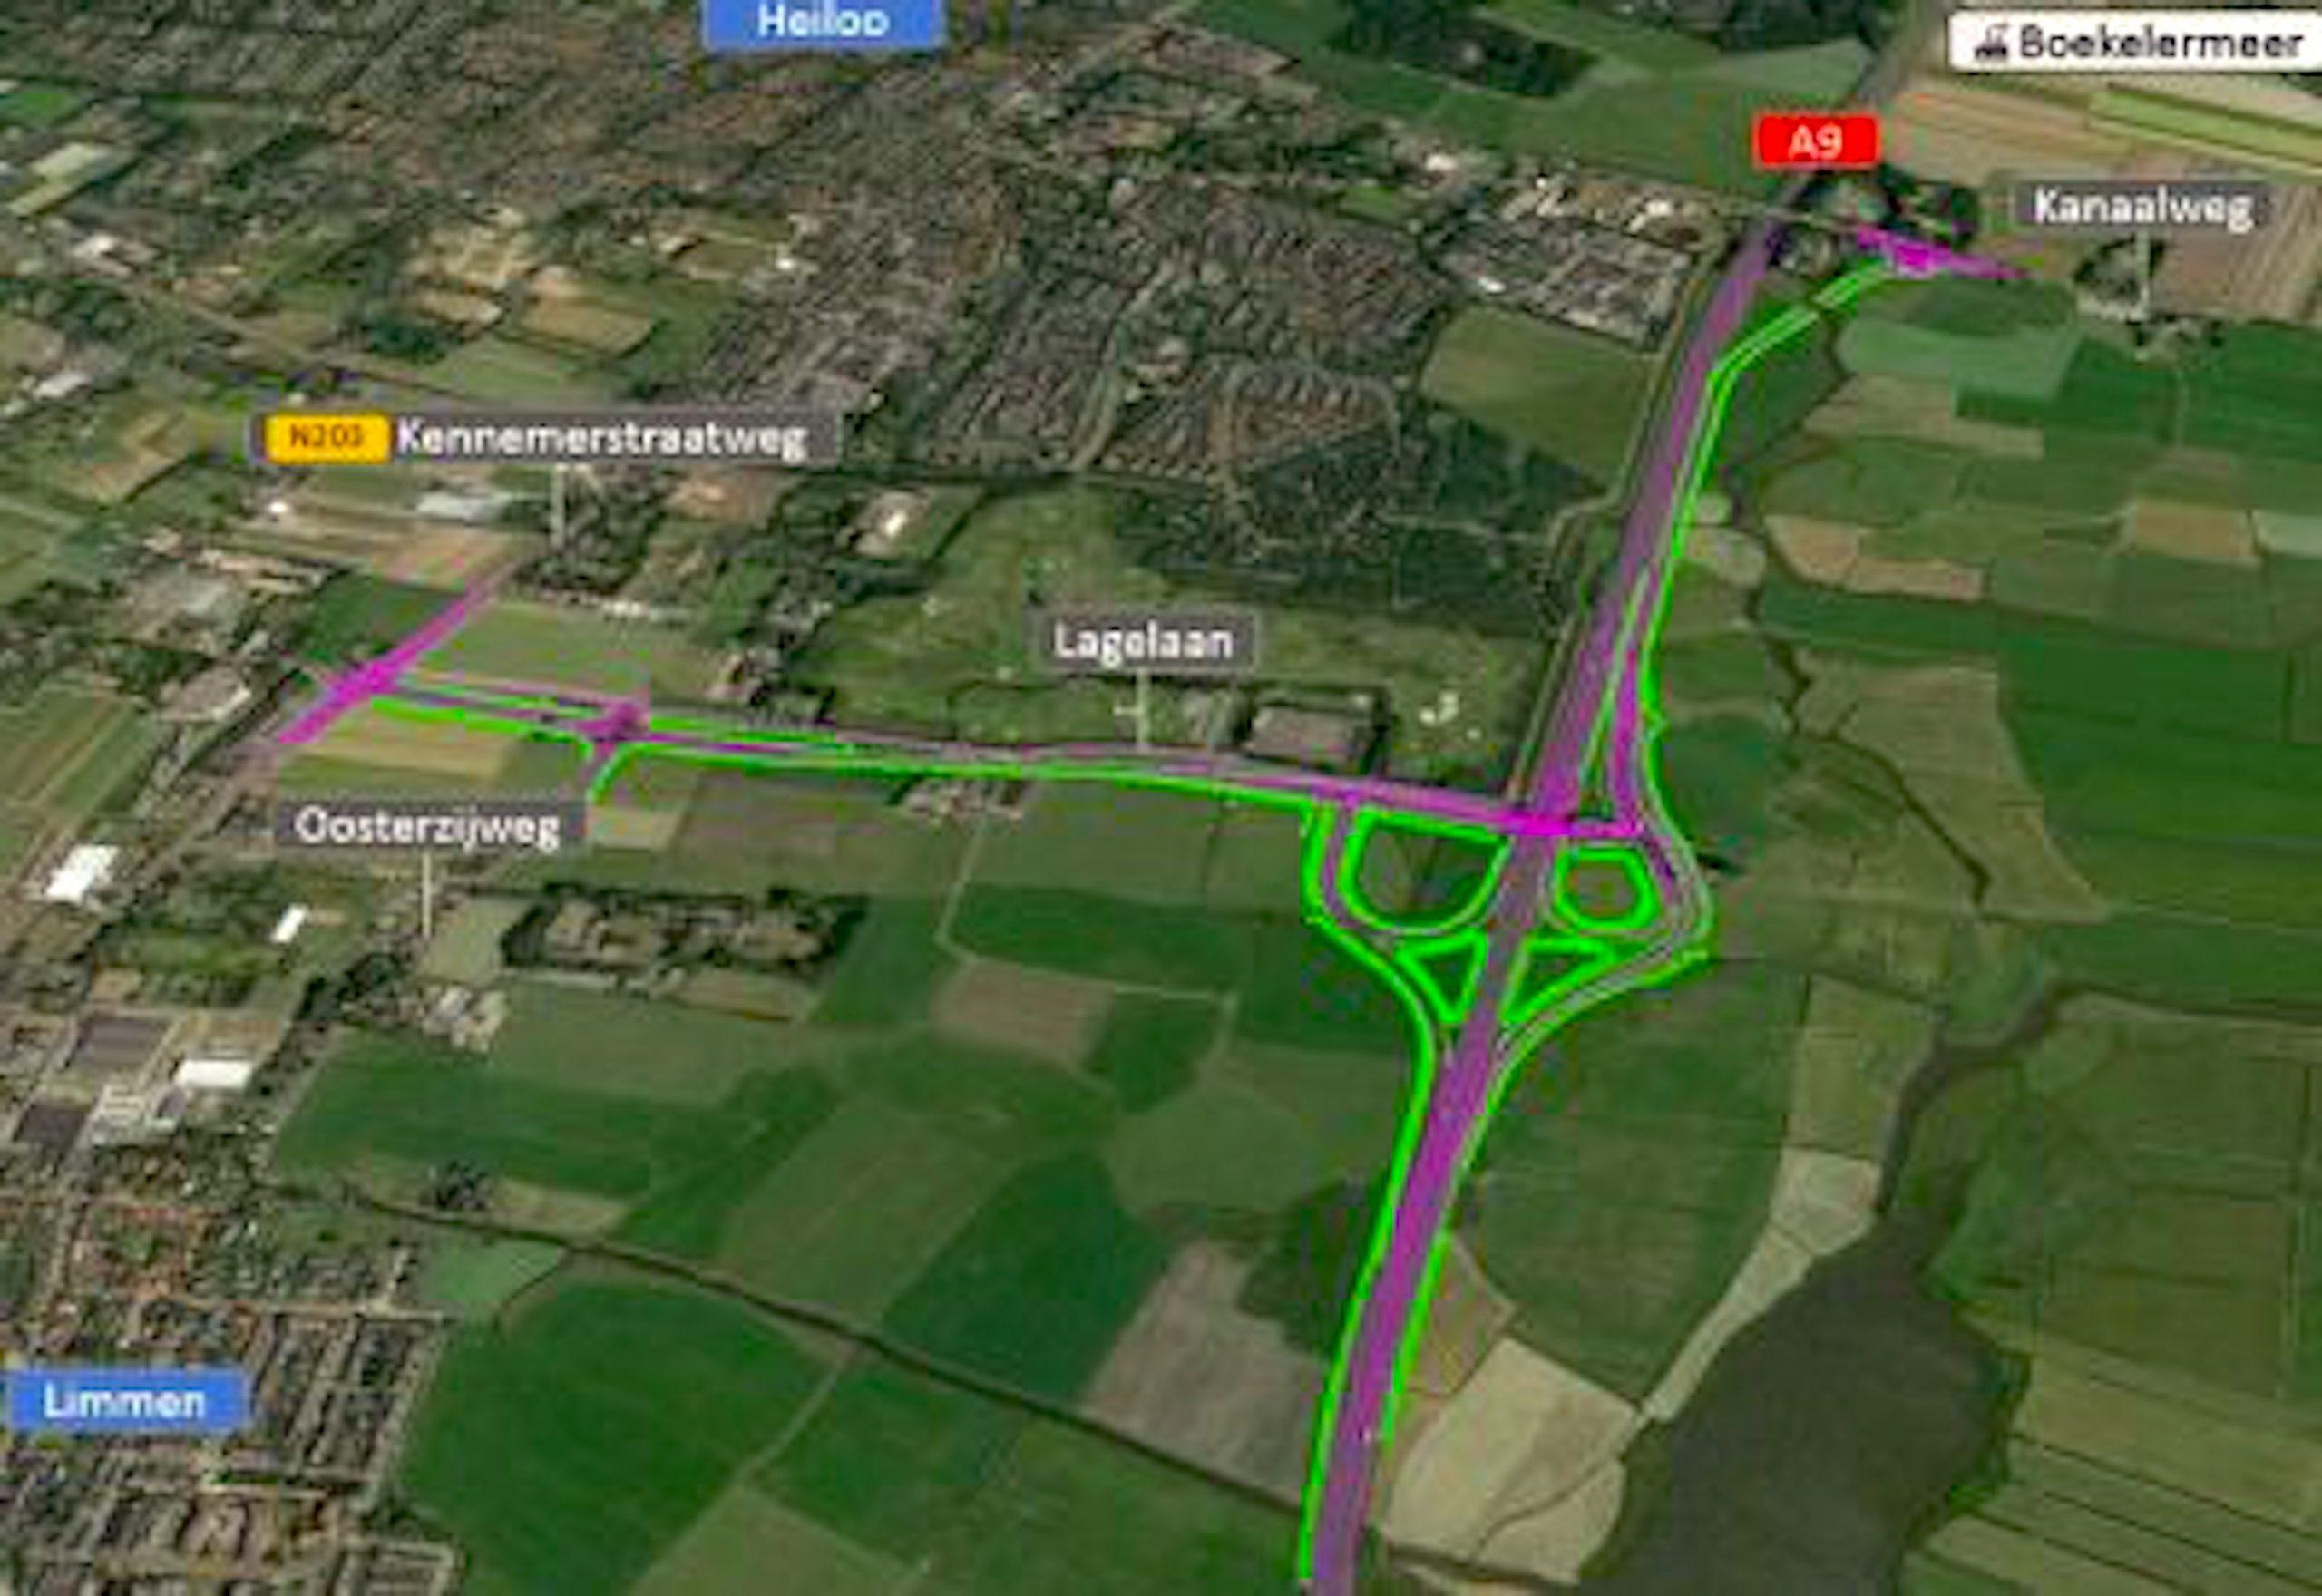 Geprojecteerde aansluiting A9 Heiloo (foto Aanbestedingsnieuws)